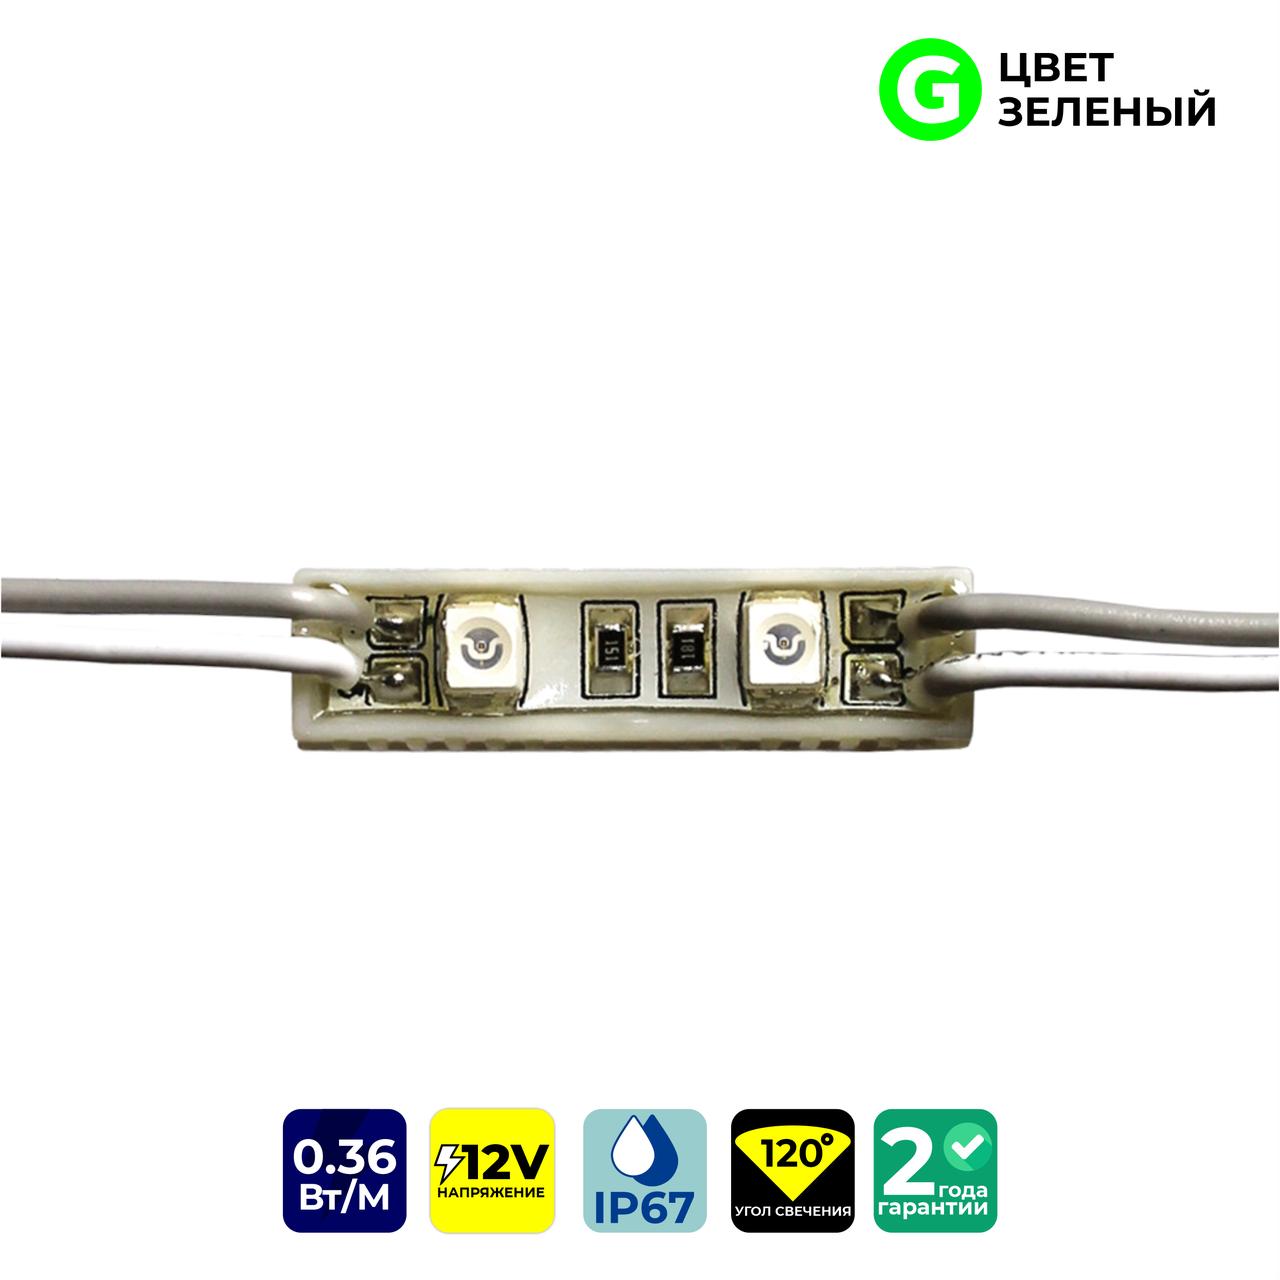 Светодиодные модули FT0524G2SMD2835 (IP67) 0,36W, цвет - зеленый